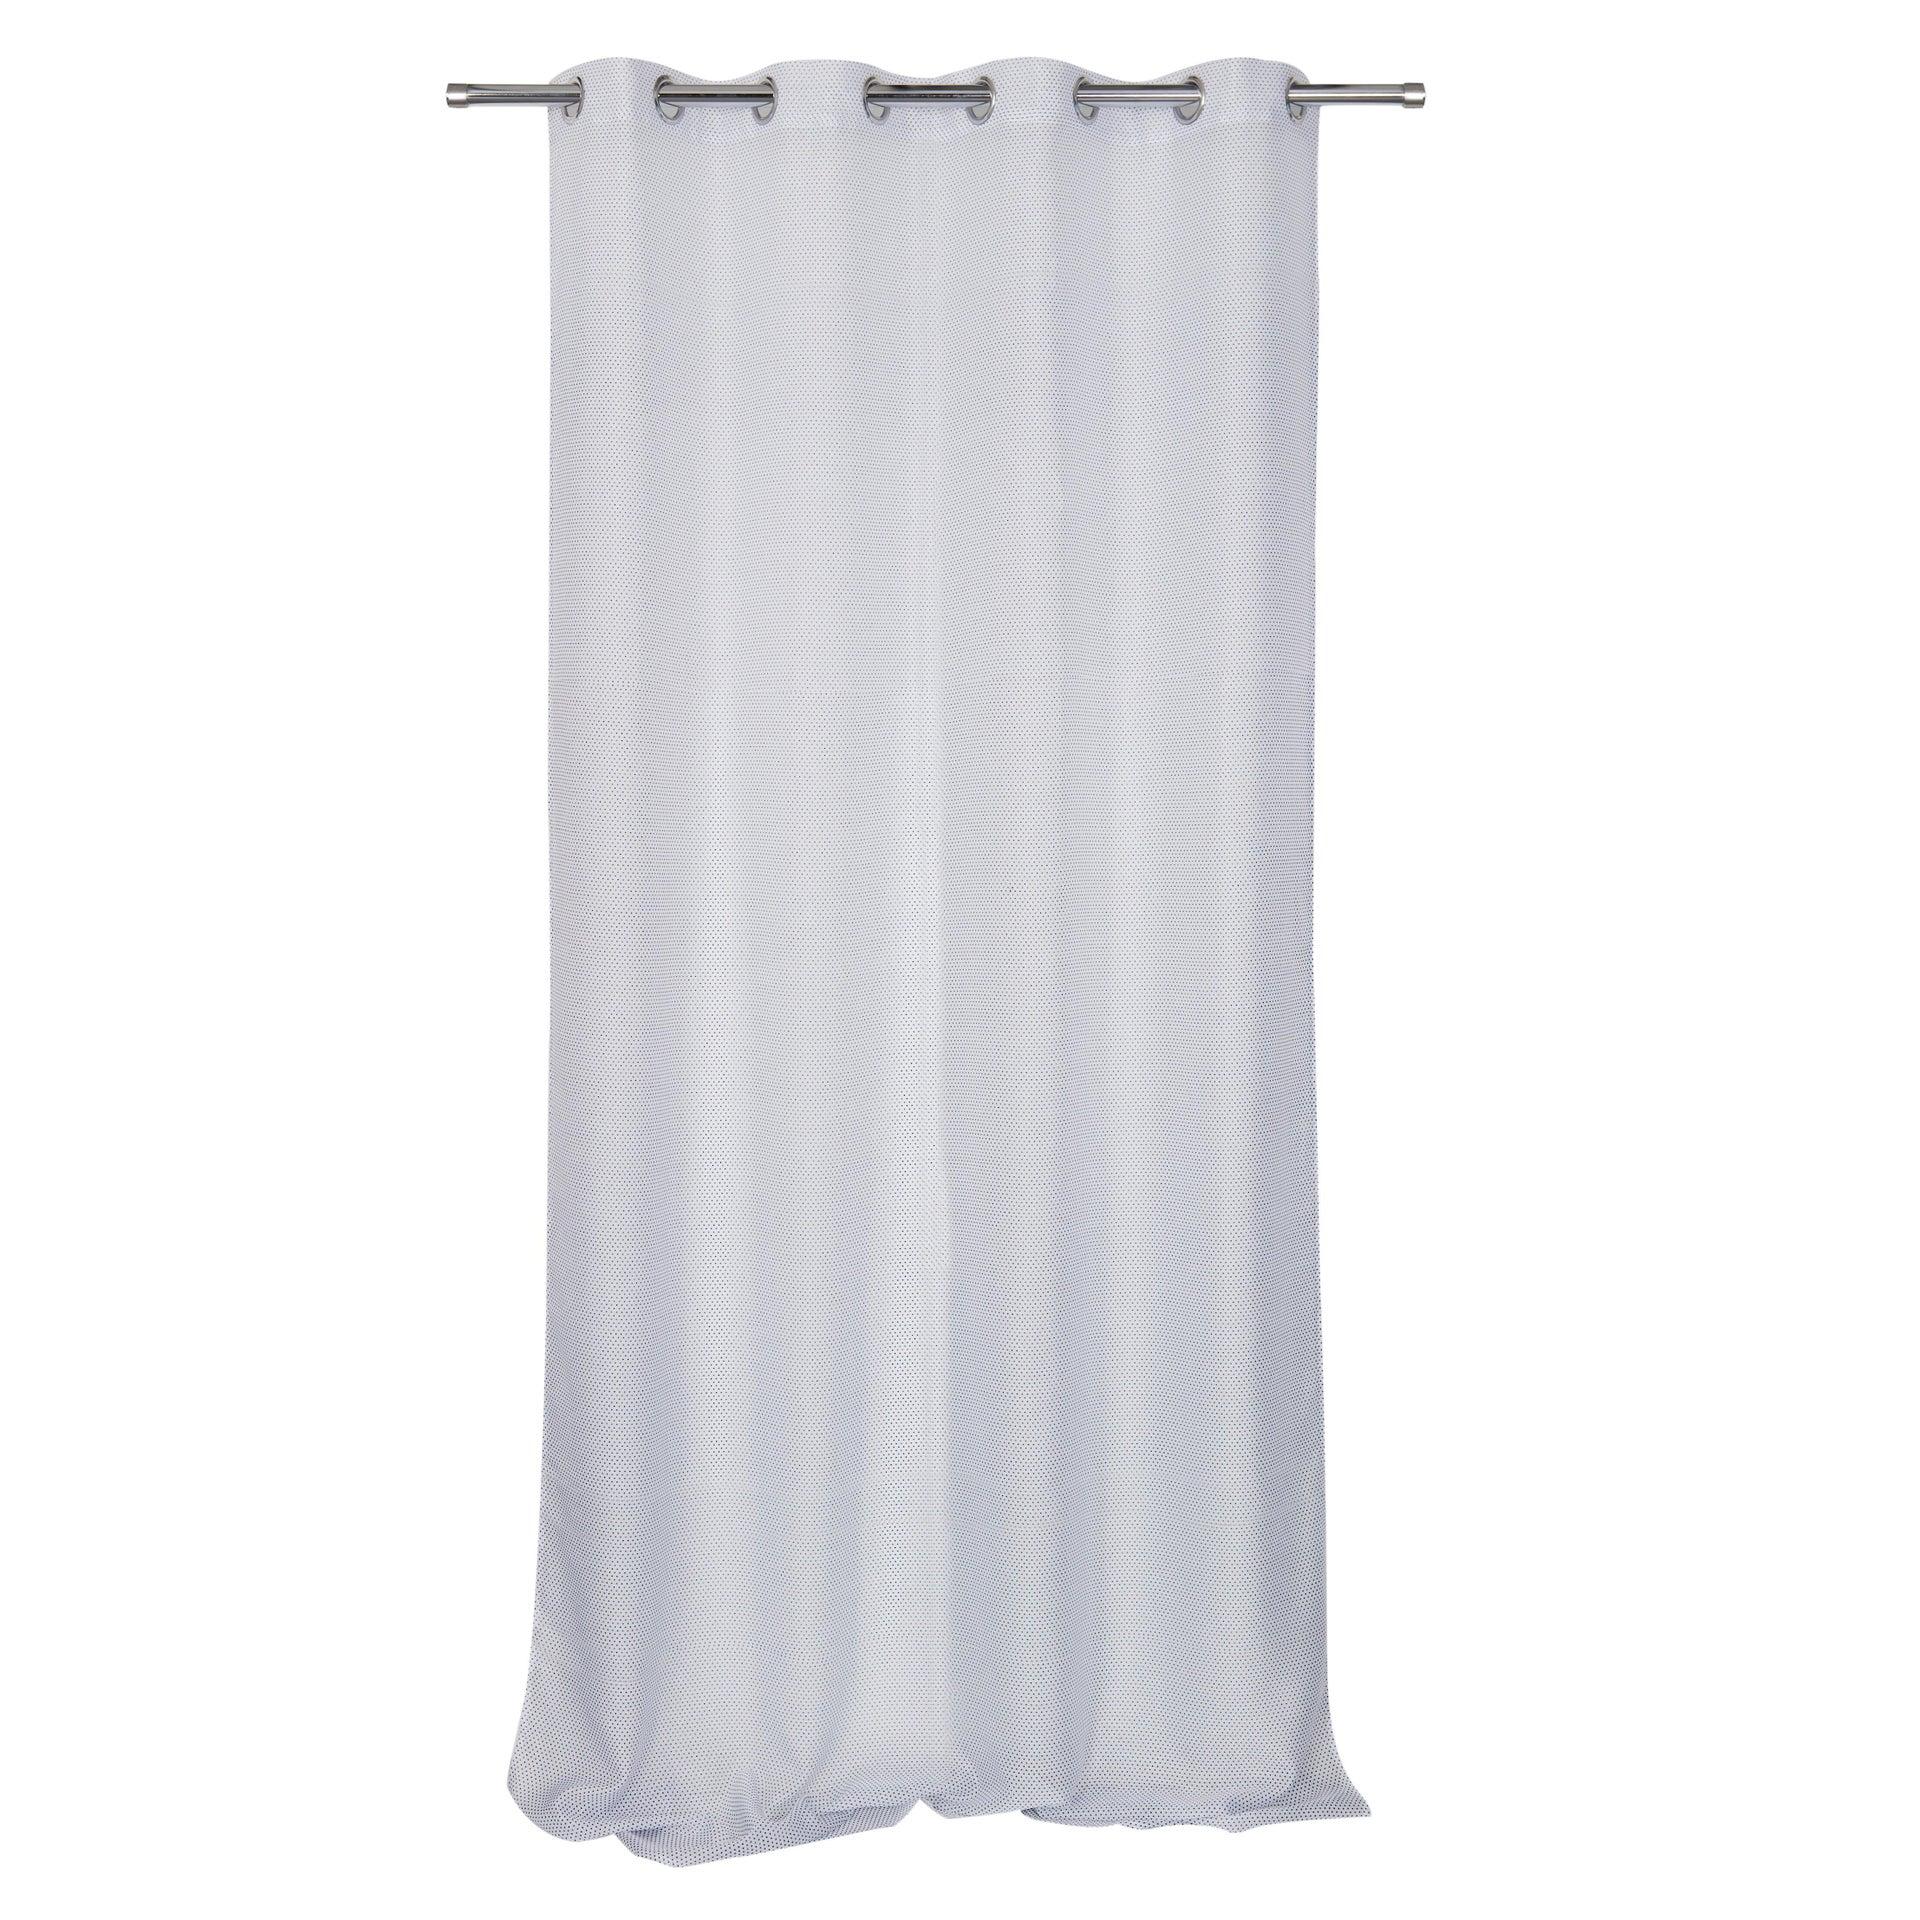 Tenda Crocky bianco e nero occhielli 140 x 260 cm - 3